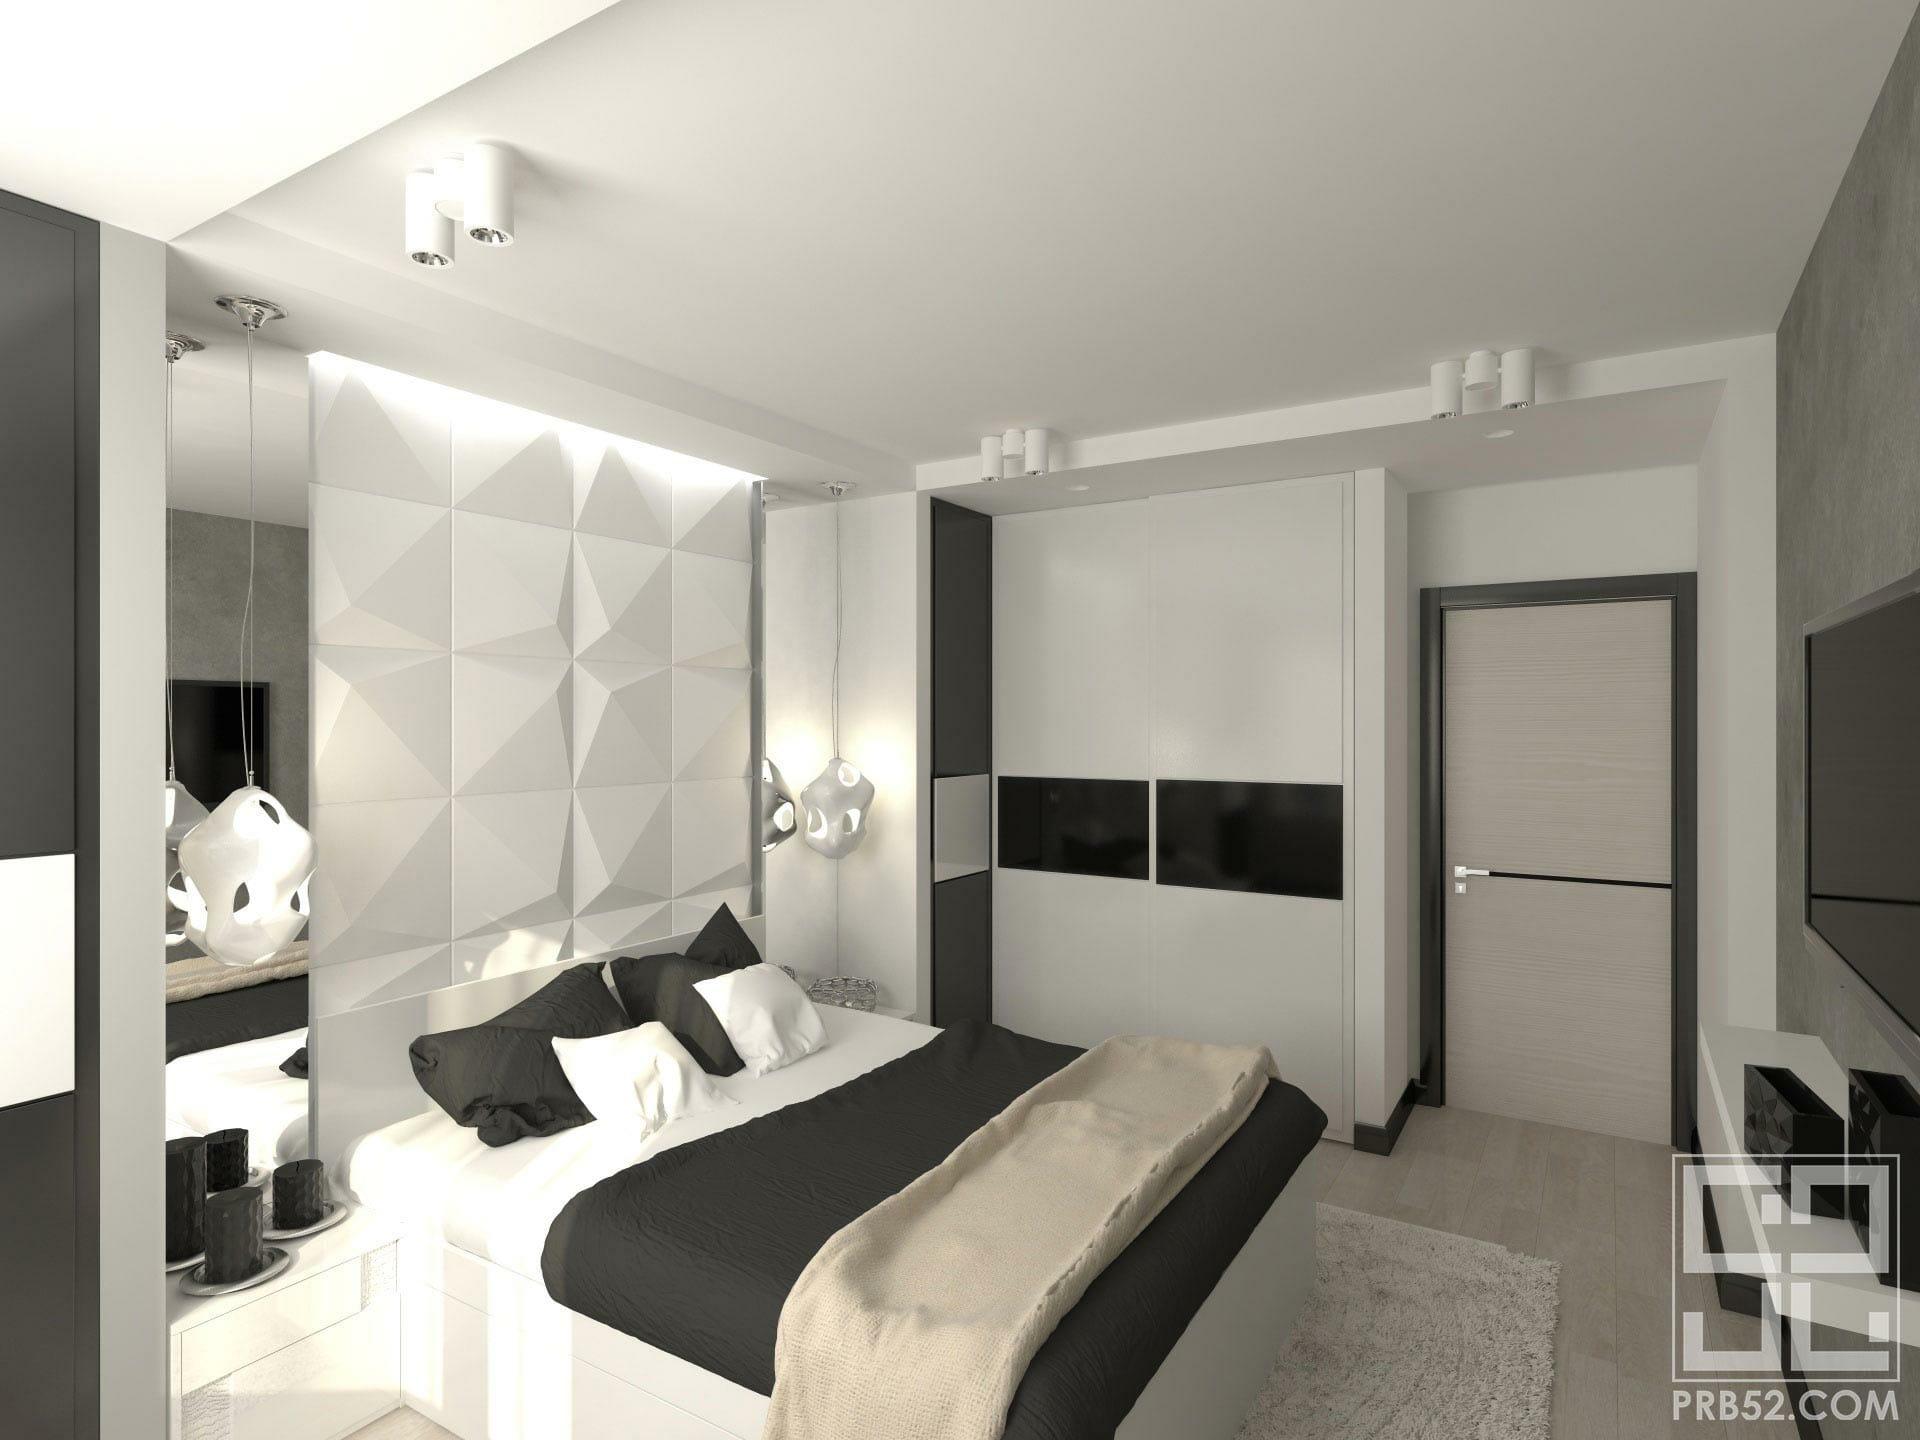 дизайн интерьера спальни с изголовьем